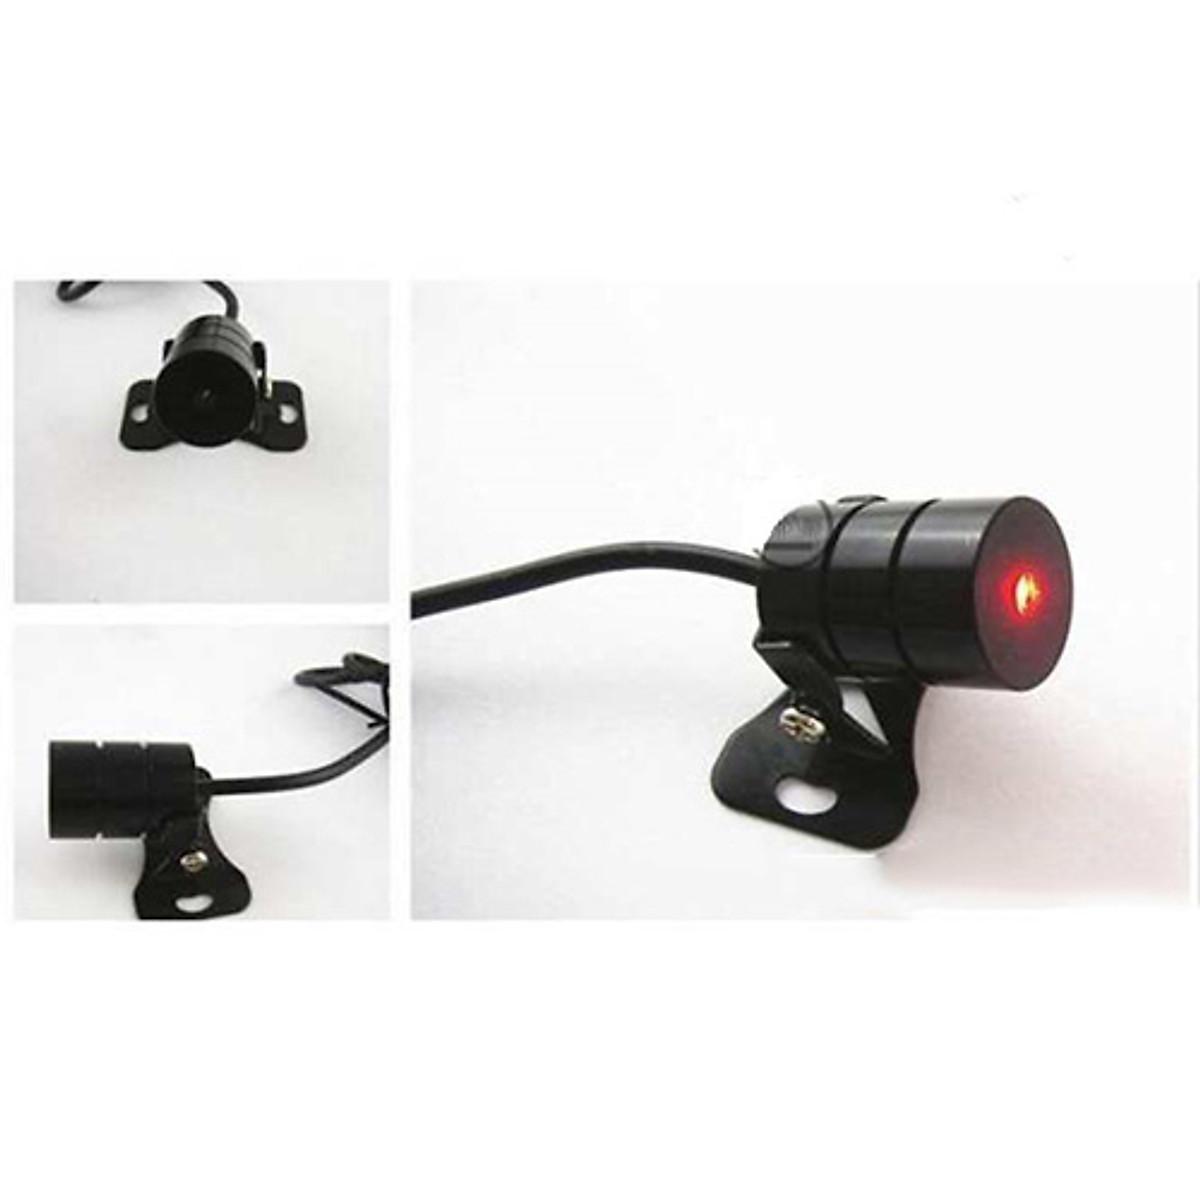 Khóa Chống Trộm Xe Máy 4 Nút Thông Minh -  Tặng Đèn Laze Đuôi Xe Máy, Ô Tô